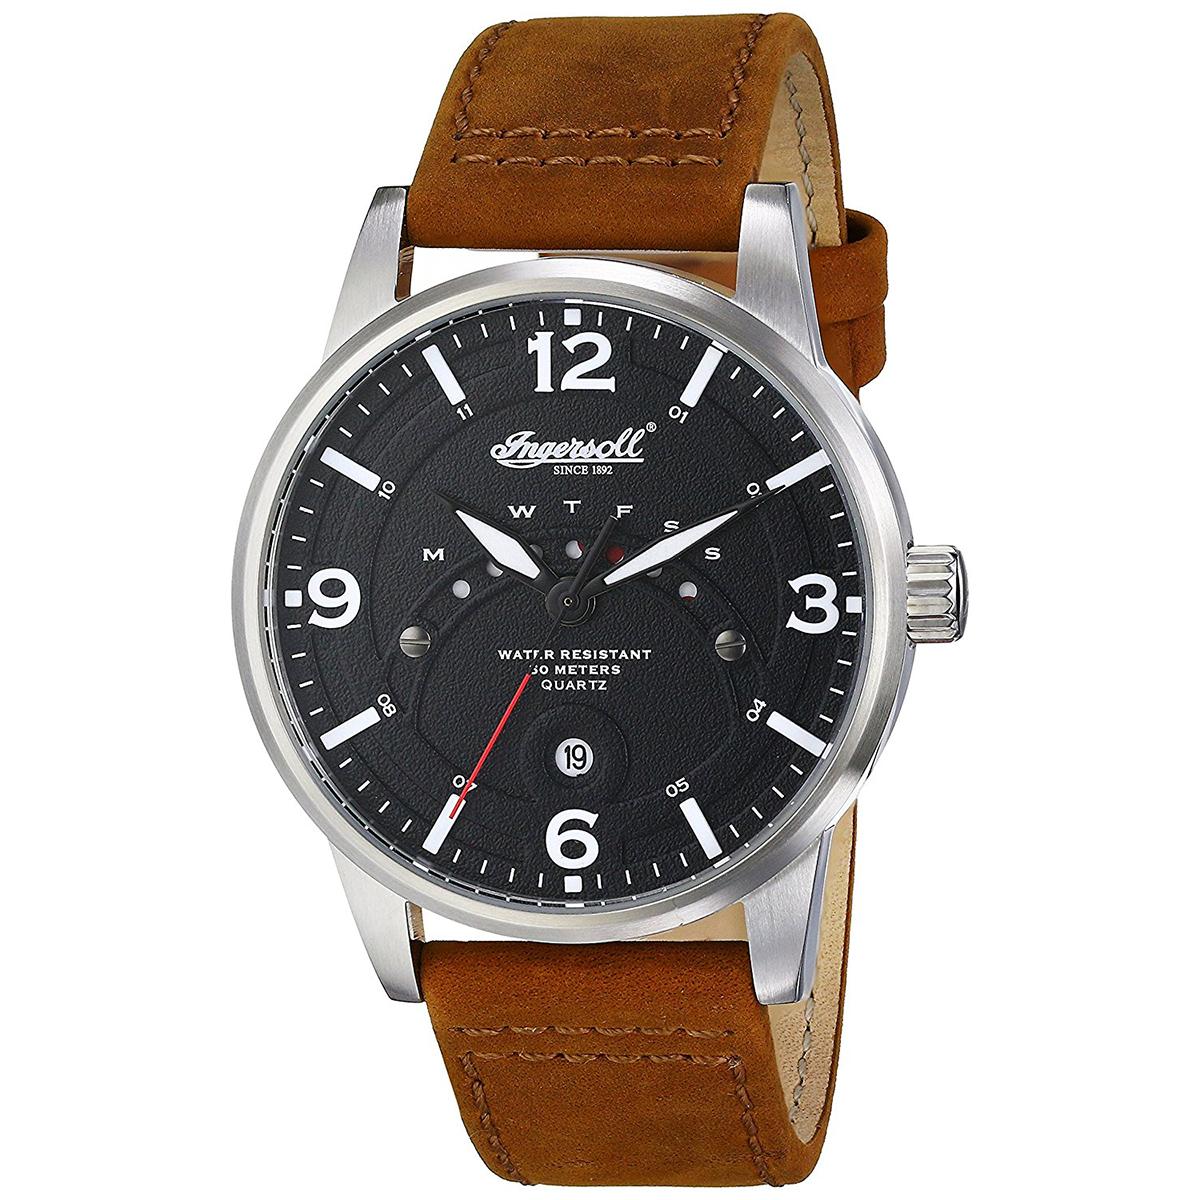 【残り1点】Ingersoll インガソール/インガーソル 電池式クォーツ 腕時計 [INQ026BKBR] 並行輸入品   デイデイト